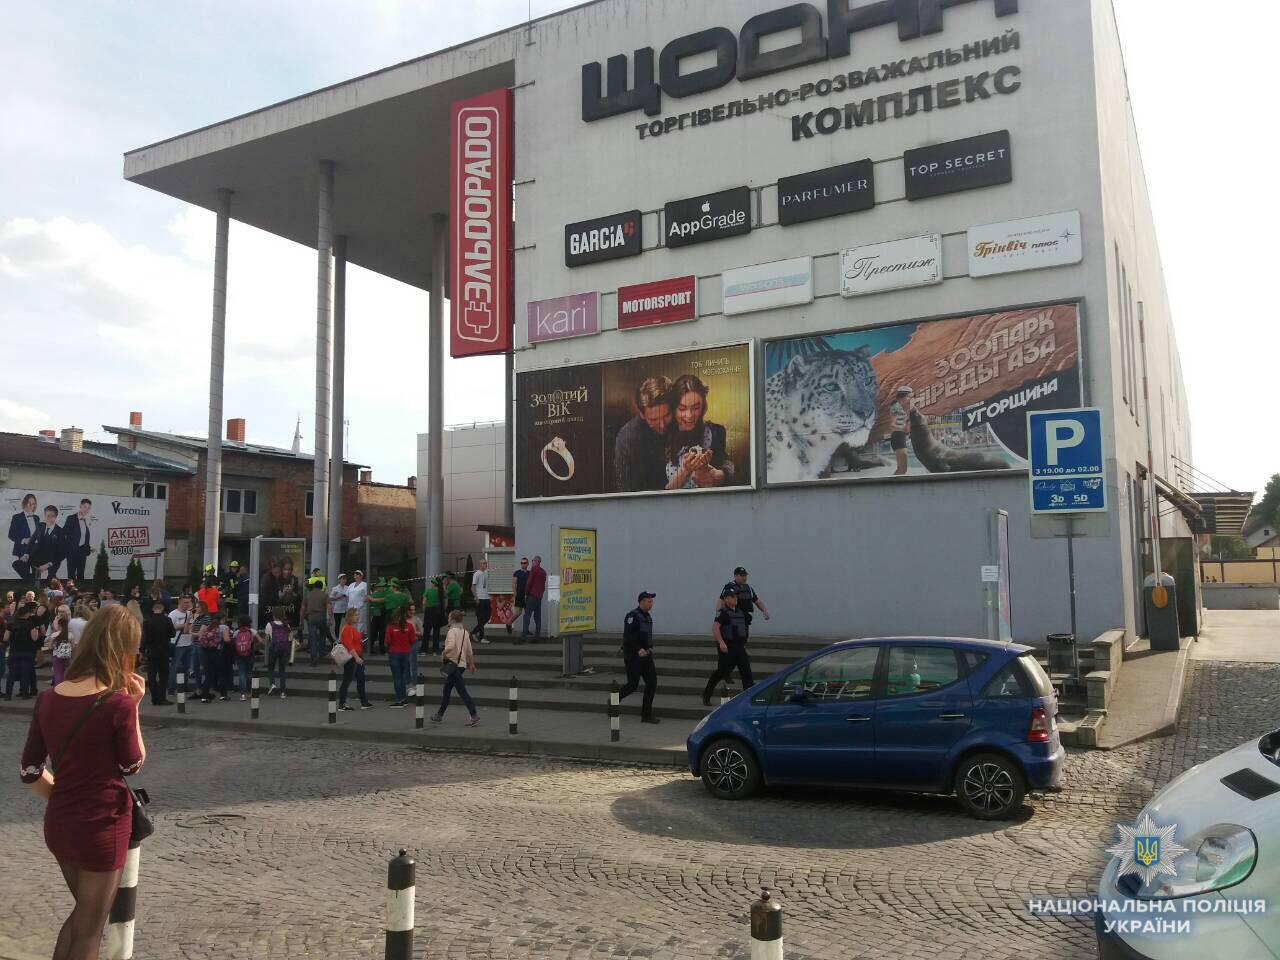 Поліція Мукачева евакуювала людей з торгівельно-розважального комплексу родини Балог (фото)